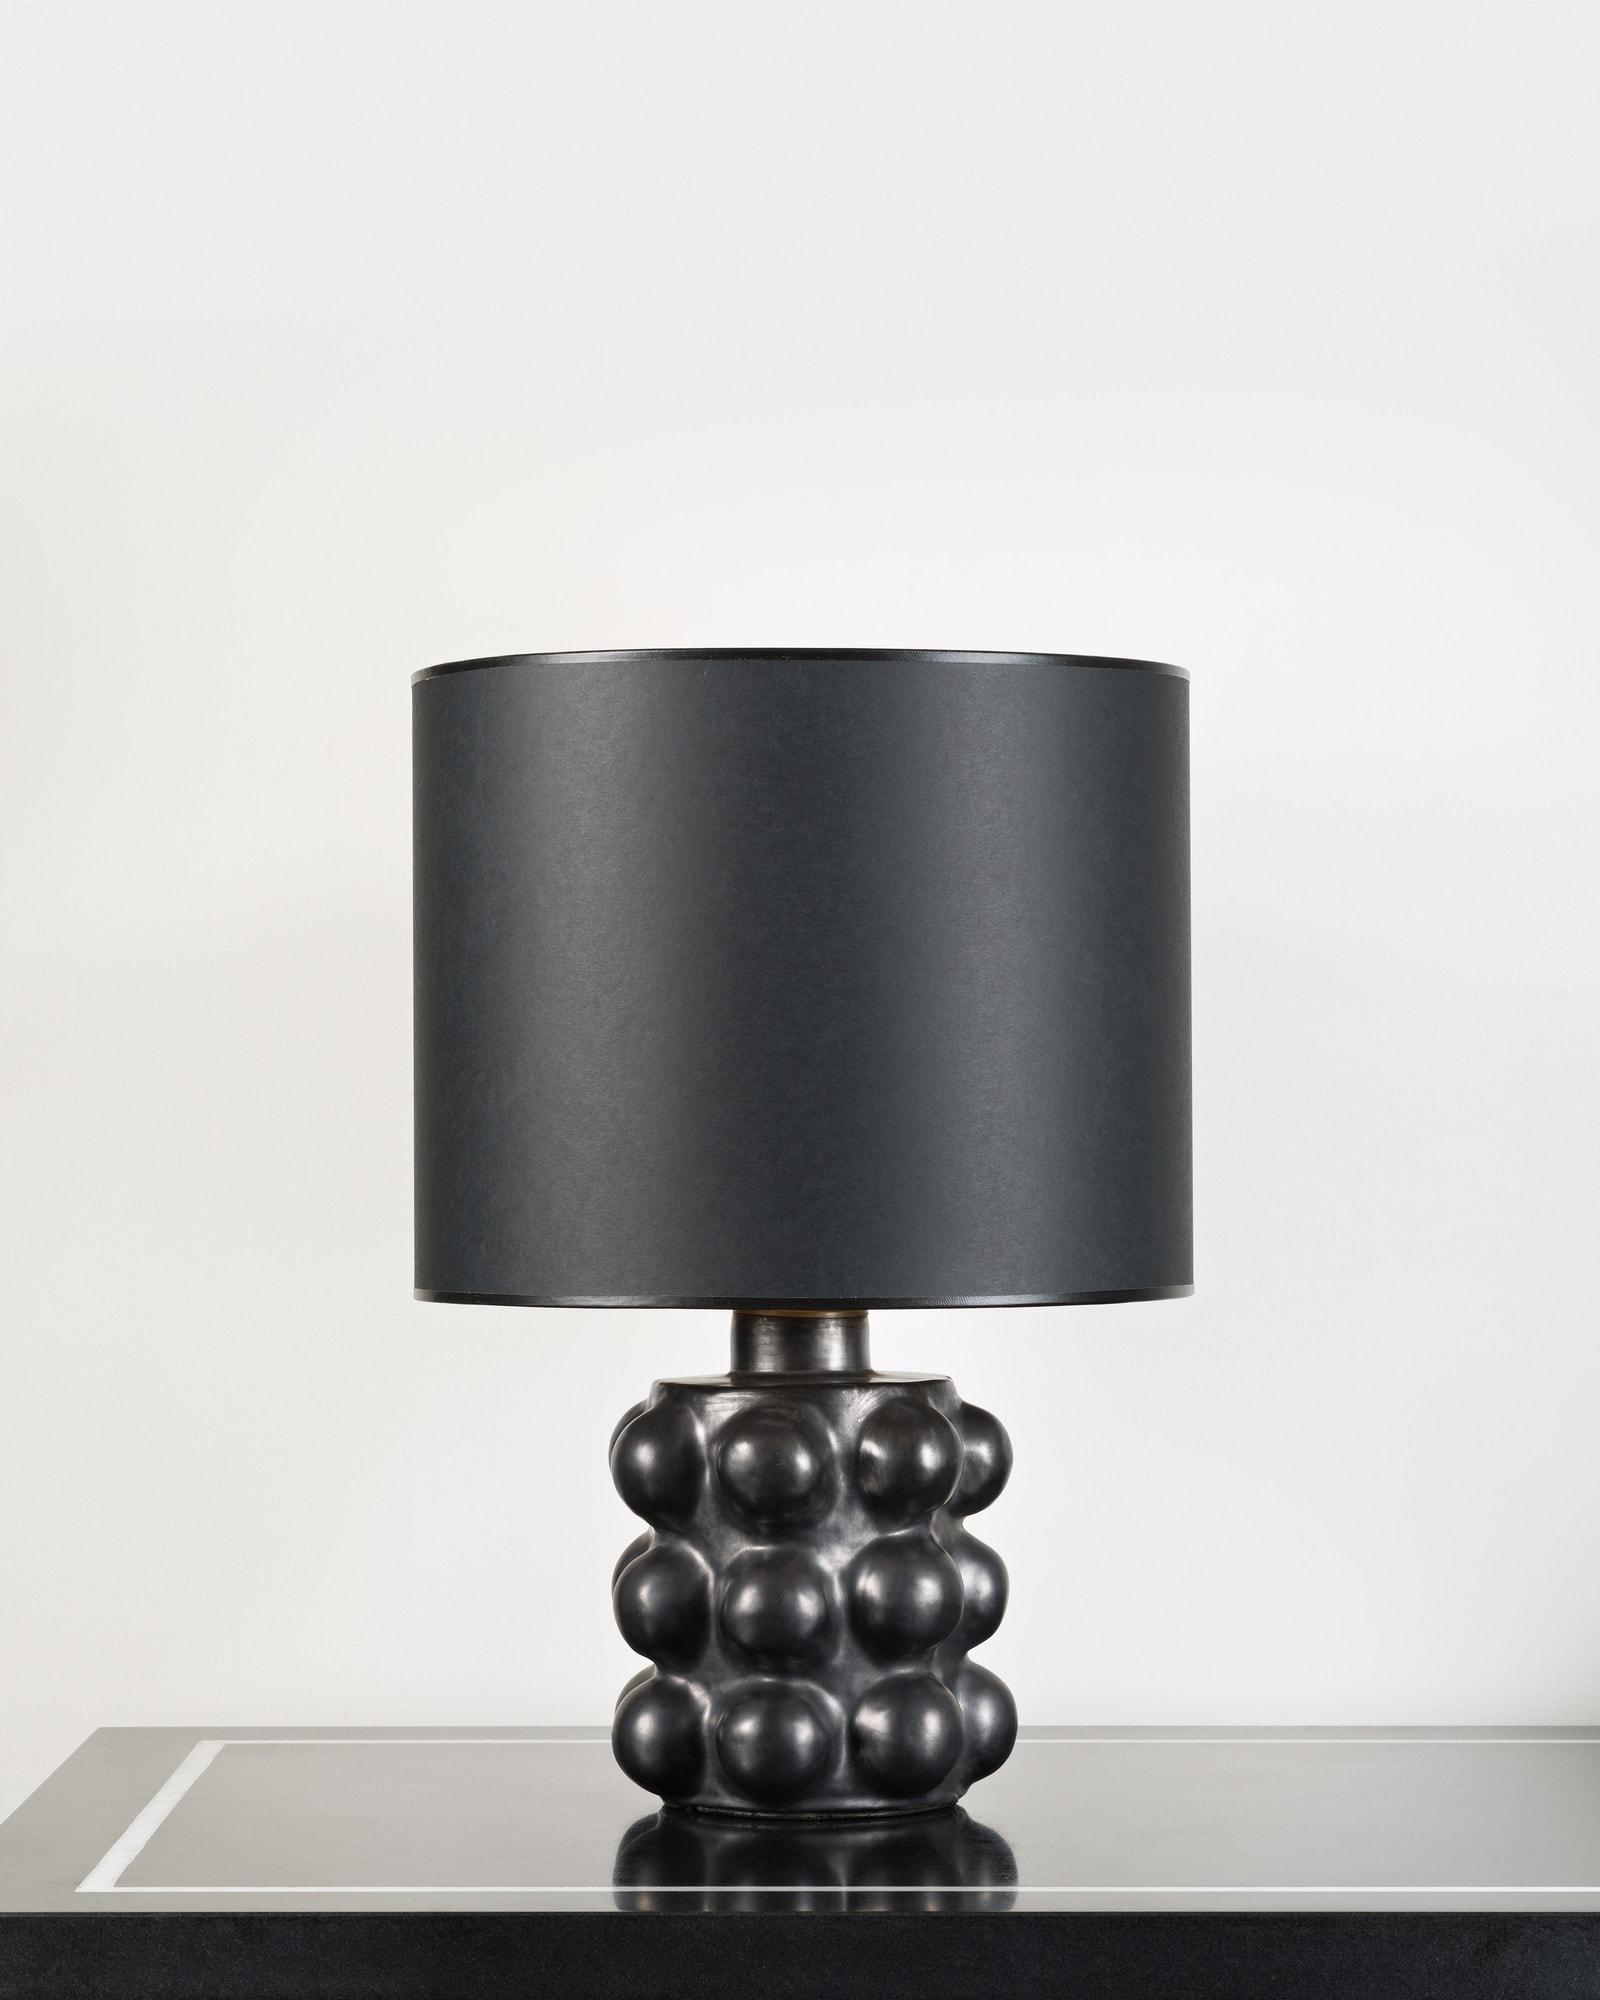 Georges Jouve, Lampe en céramique, vue 01